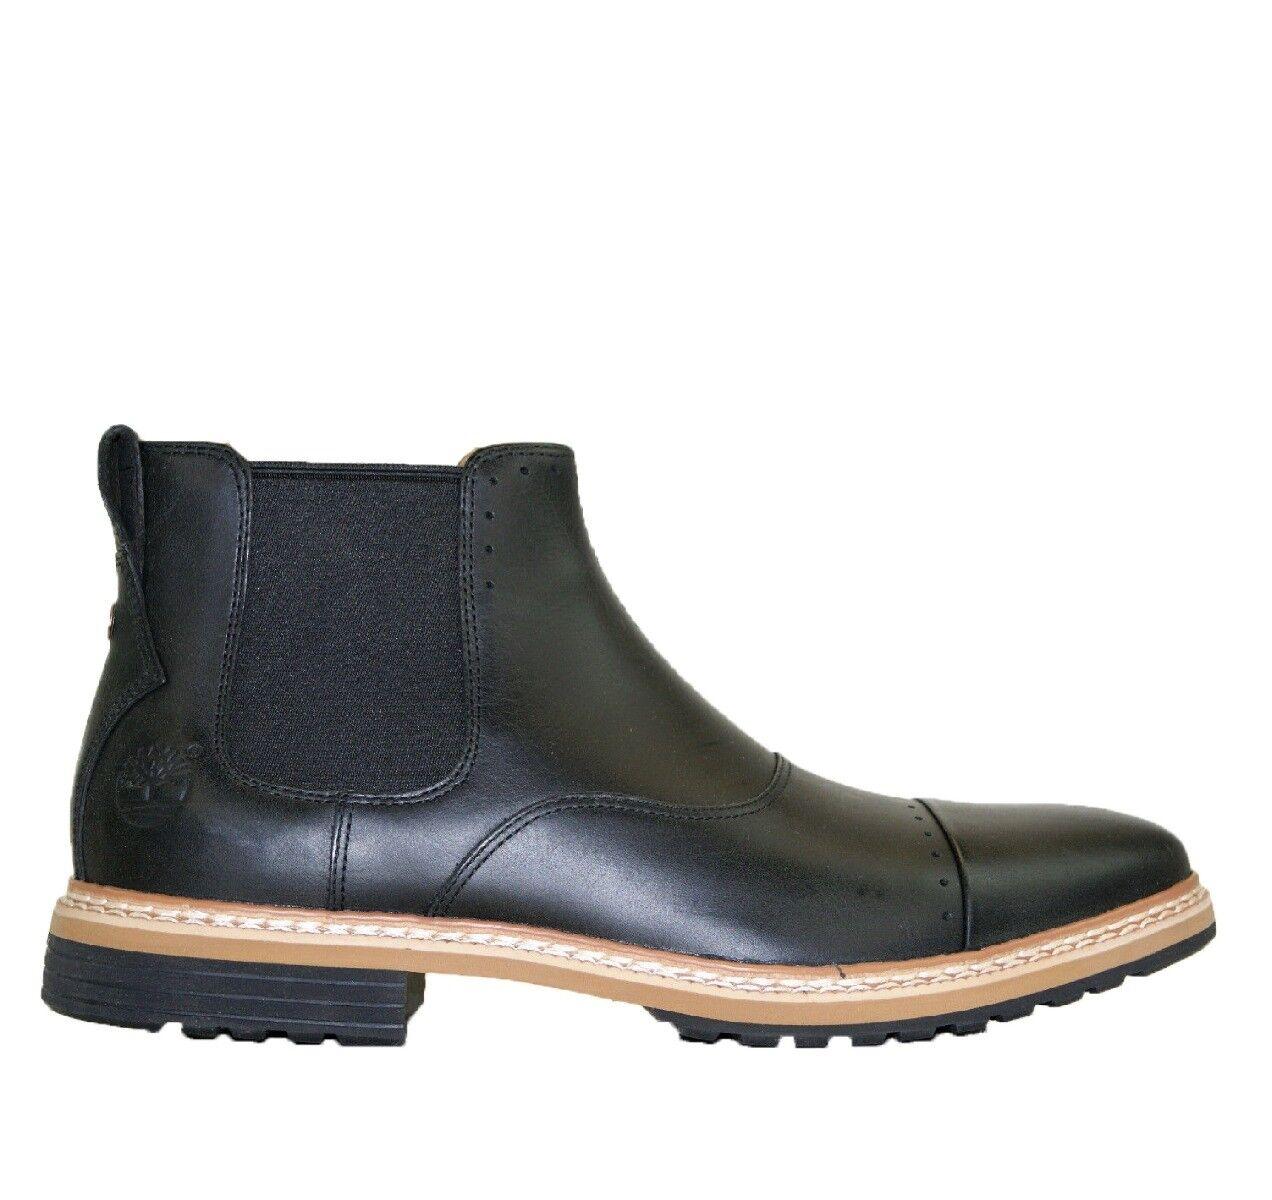 Timberland Cap Toe Chelsea nwp avvio Nero scarpe-AUTHENTIC A12WQ RRP  - | Attraente e durevole  | Scolaro/Signora Scarpa